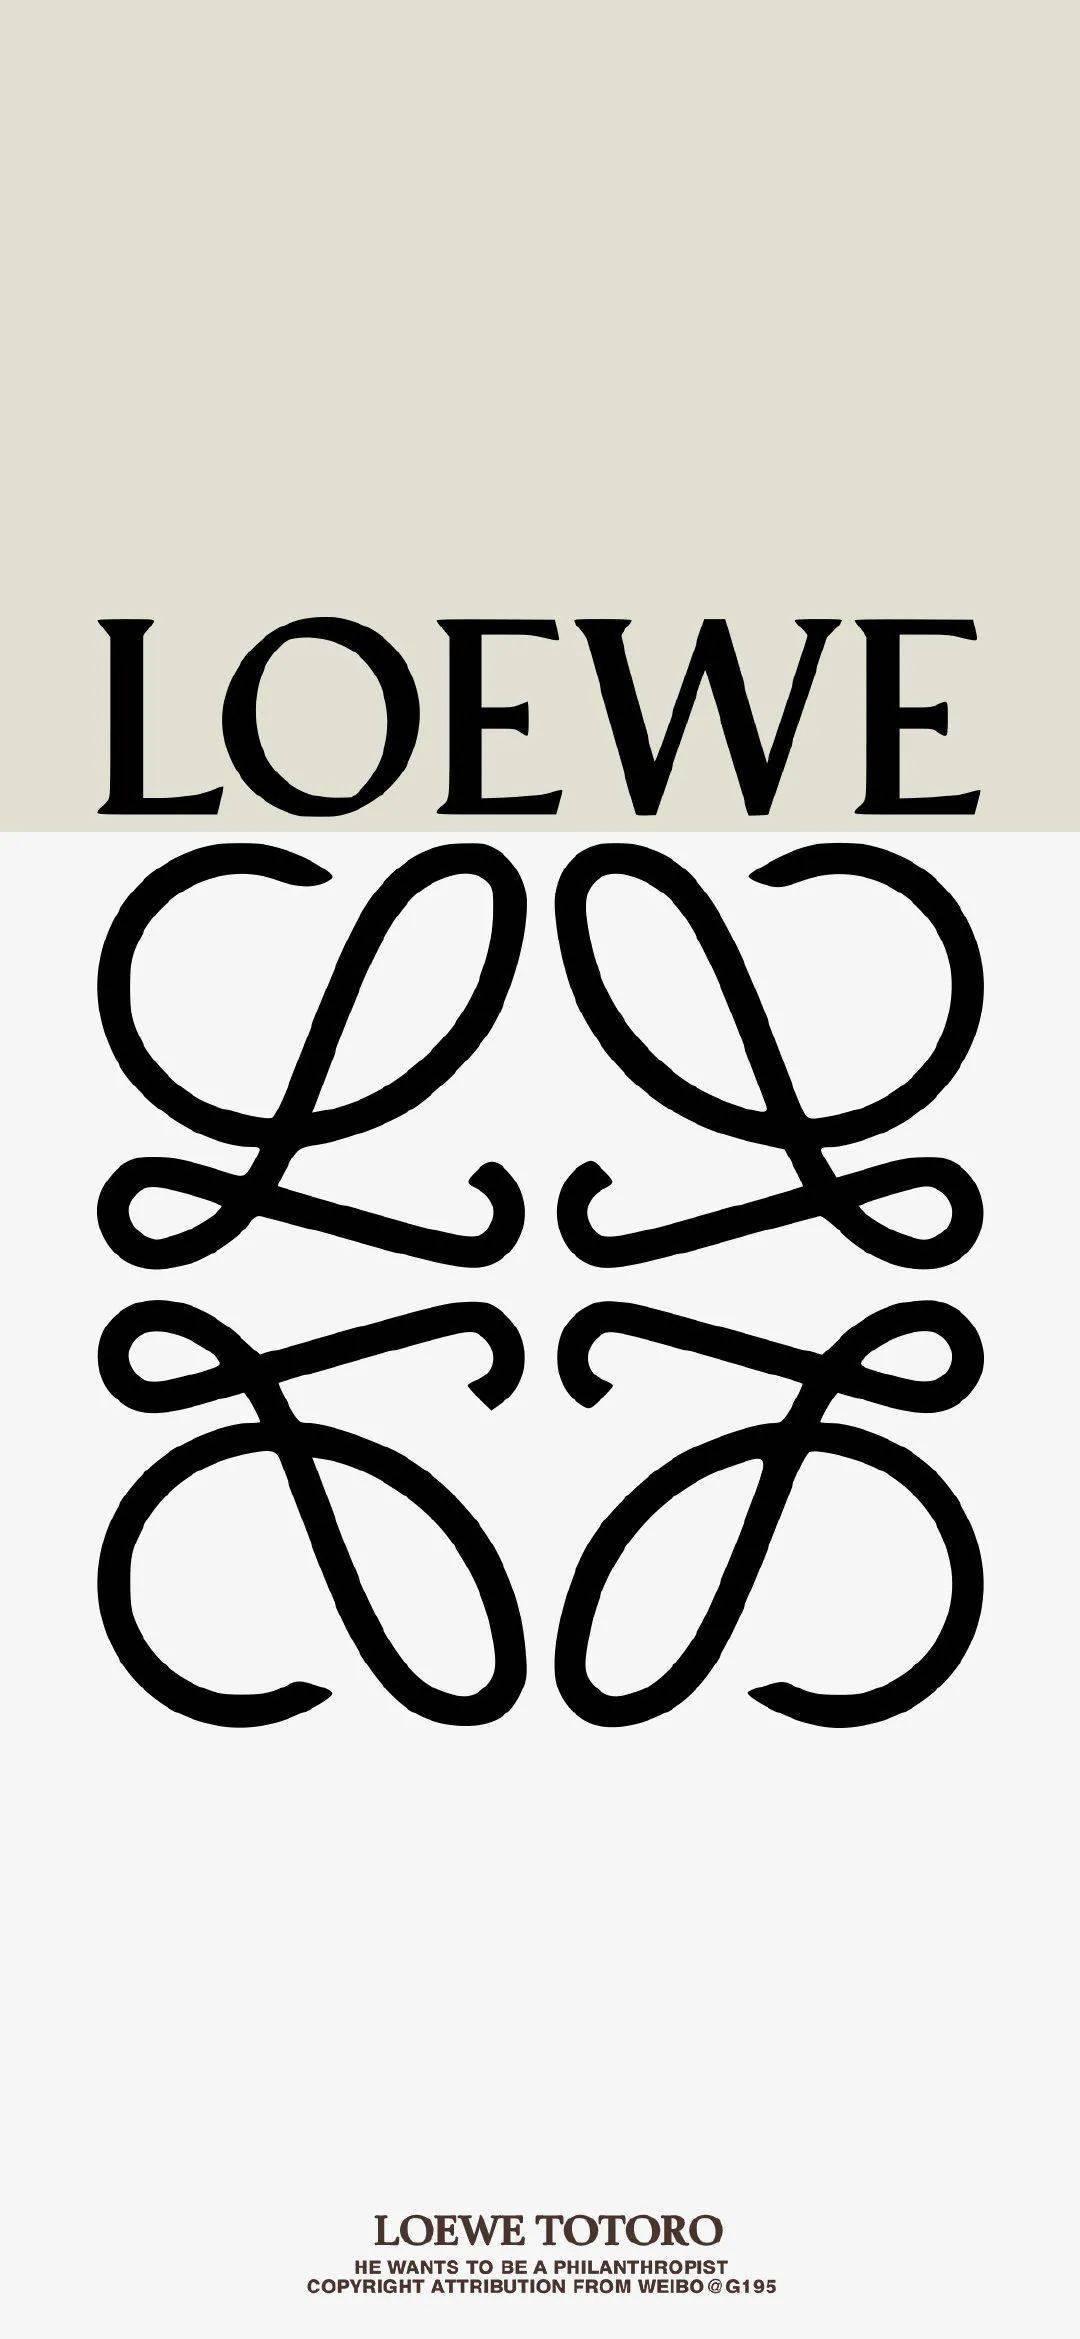 壁纸| |LOEWE带龙猫,已经发芽了...